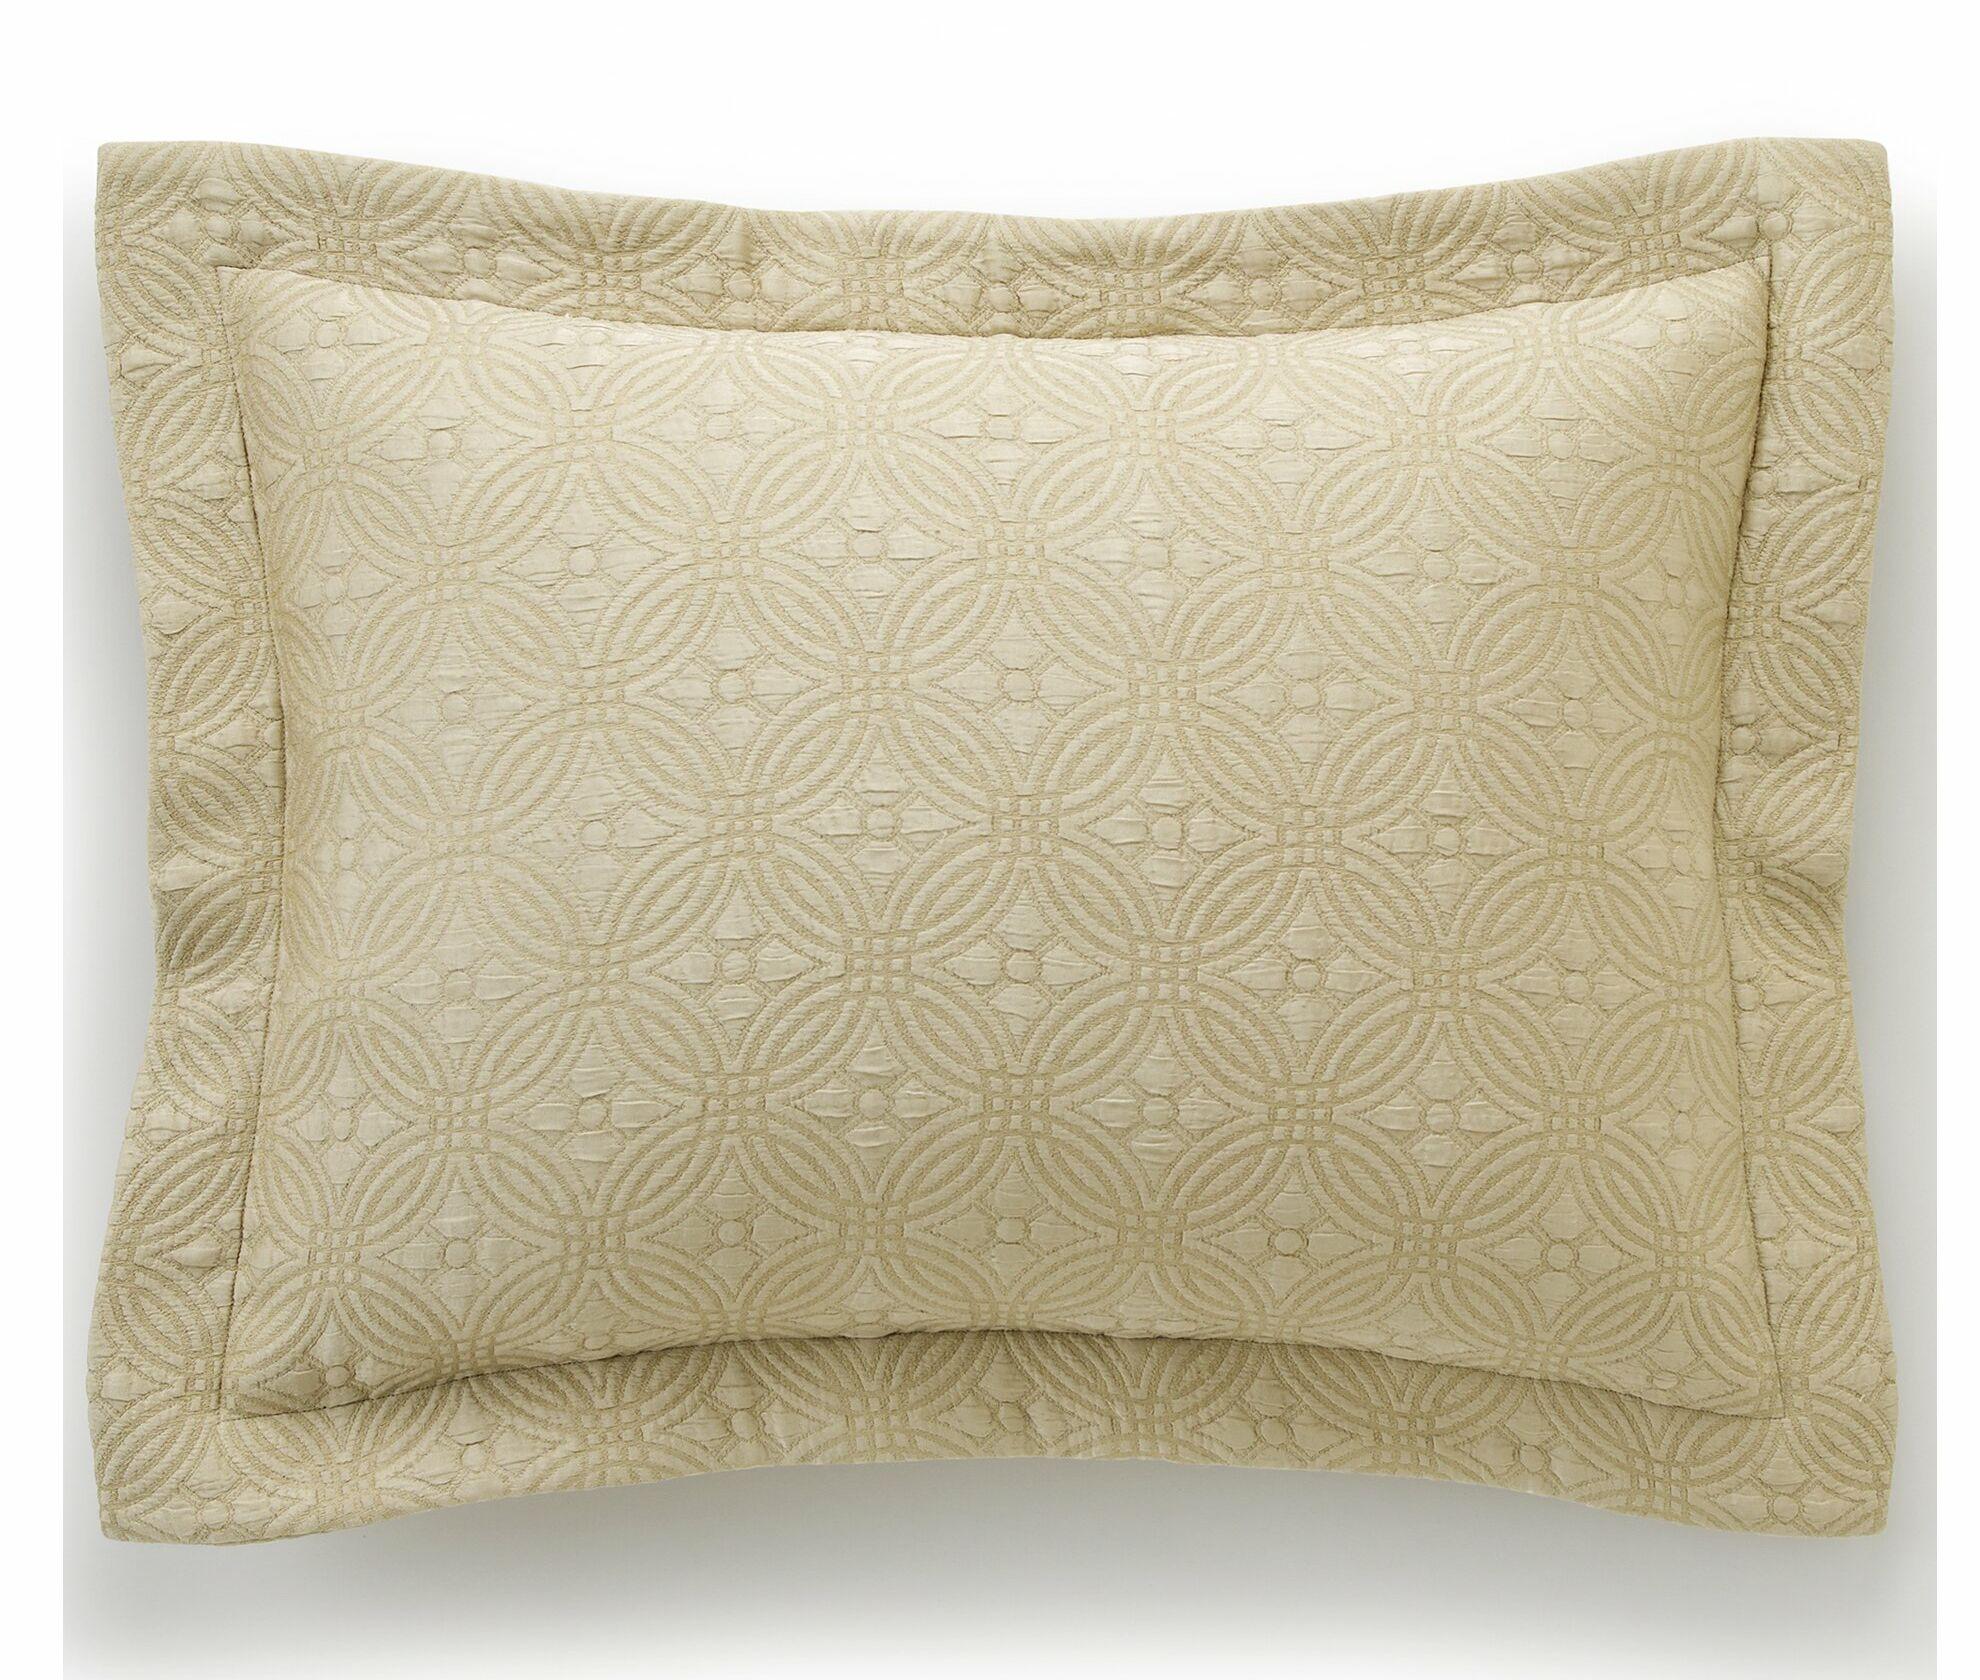 Lucia Cotton Lumbar Pillow